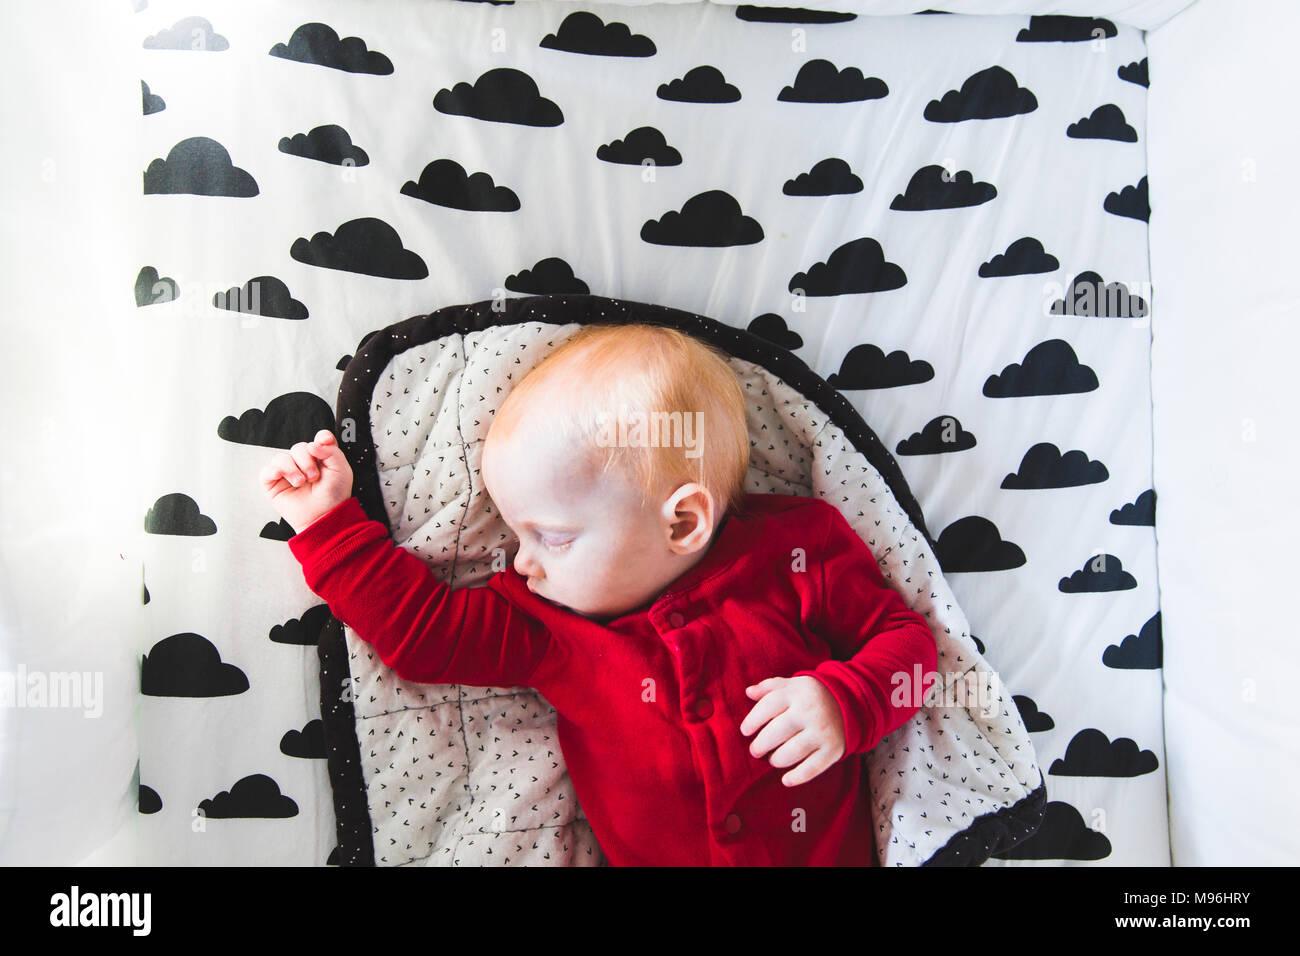 Il bambino che dorme sul letto con la decalcomania del cloud Immagini Stock